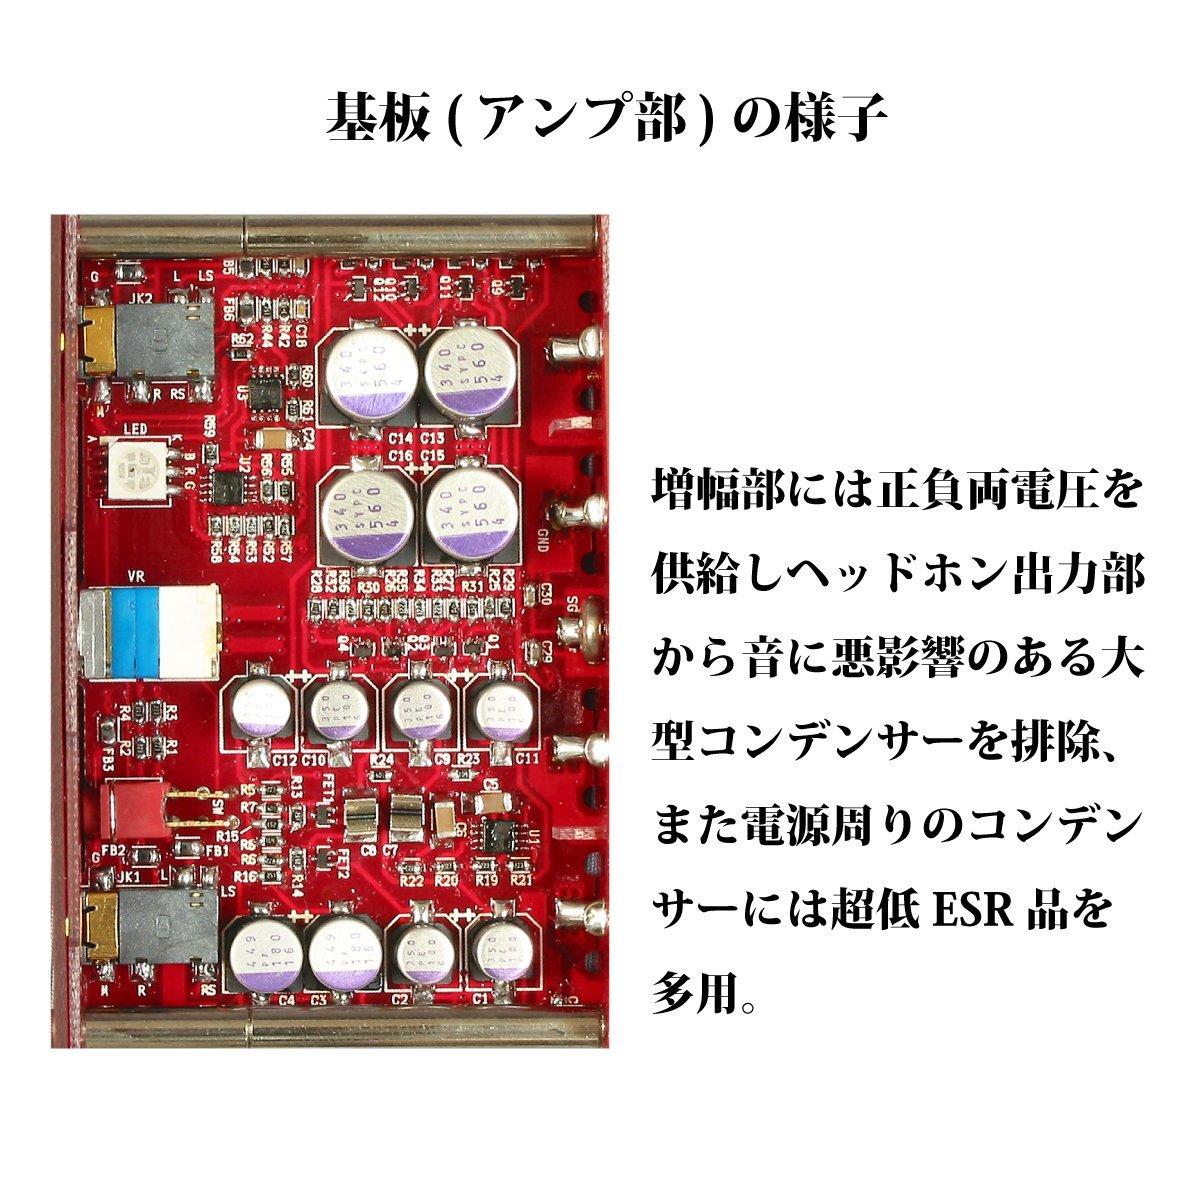 elekit discretos portátil amplificador de auriculares tu-hp02: Amazon.es: Electrónica